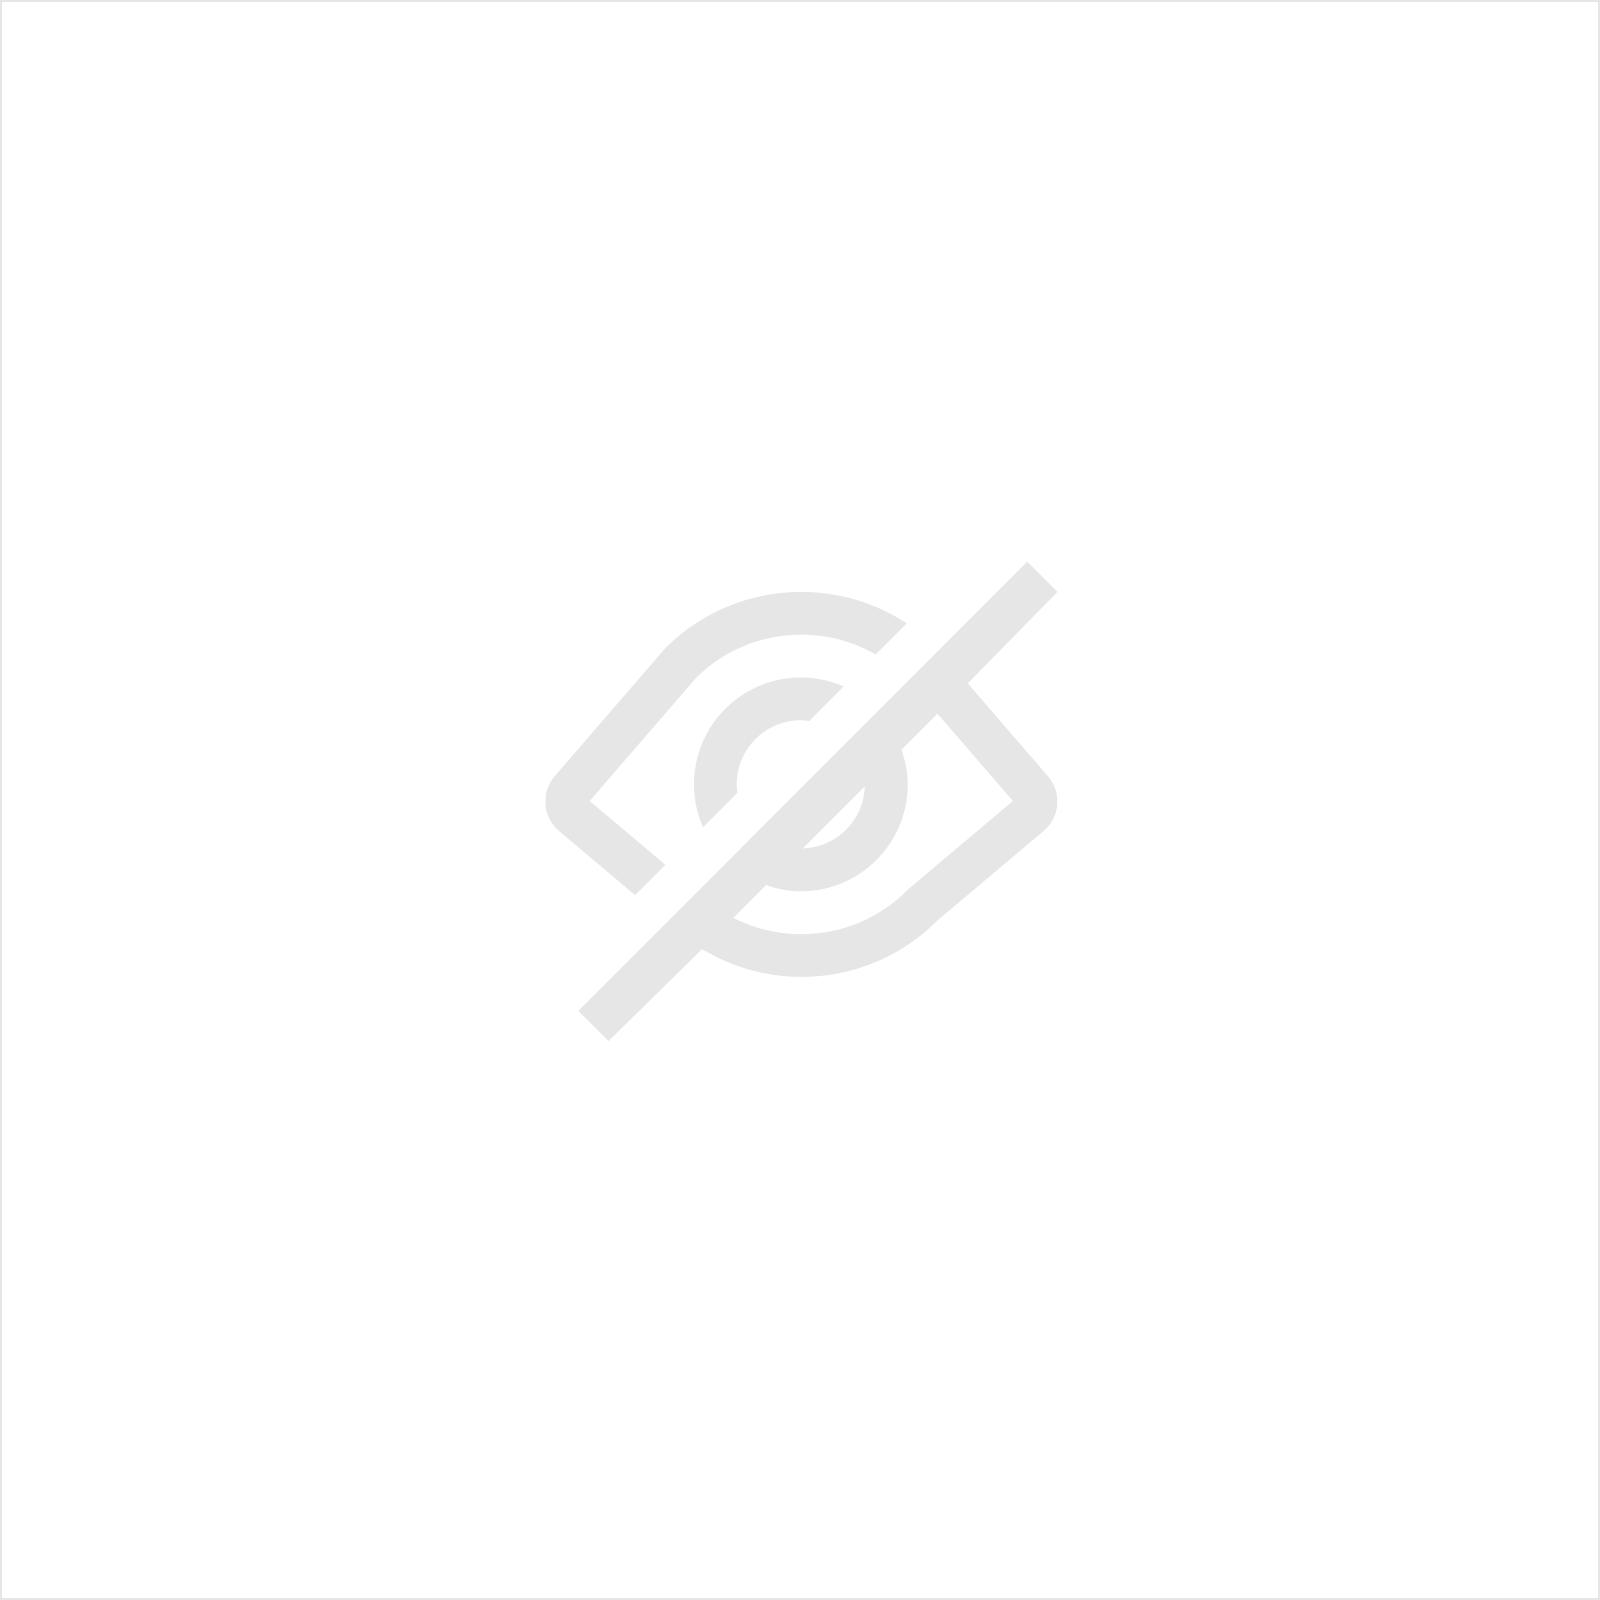 JEU DE MOLETTES OPTIONNELLES - TIPPING ROLL - POUR BORDEUSE MOULUREUSE